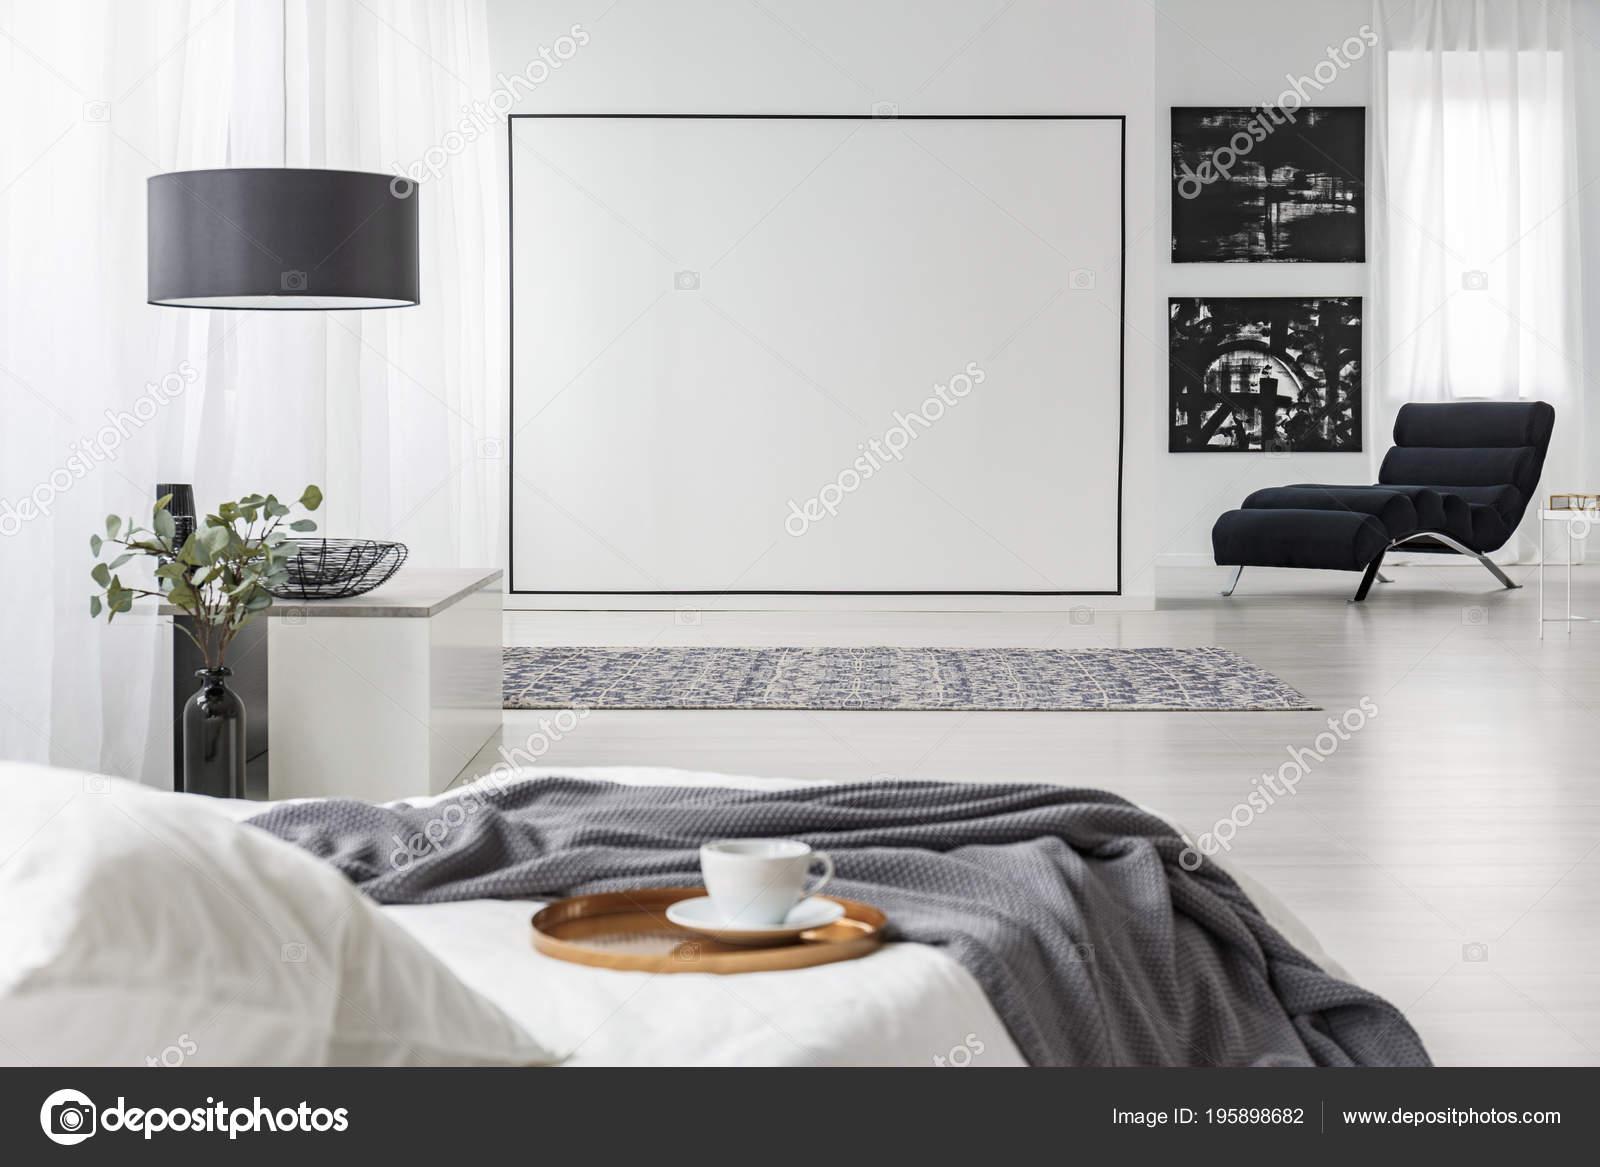 Couverture Grise Sur Lit Blanc Intérieur Chambre Coucher